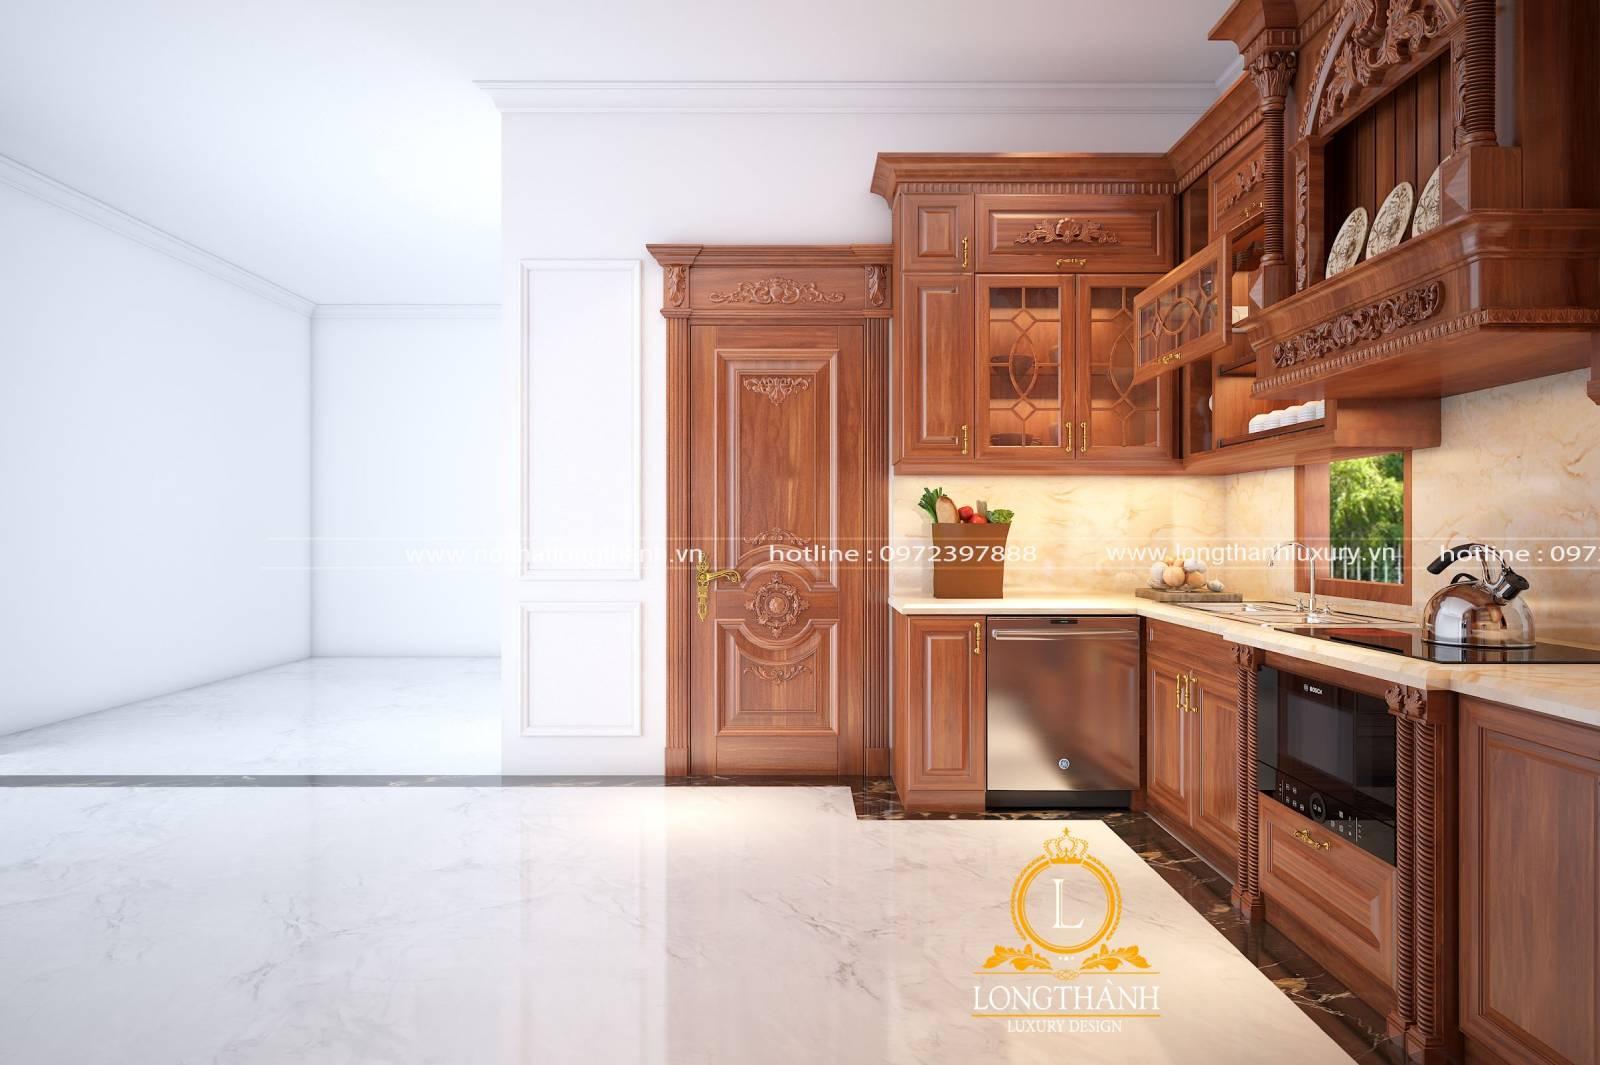 Thiết kế tủ bếp chữ U độc đáo bằng gỗ Gõ khi nhìn theo góc phải cửa